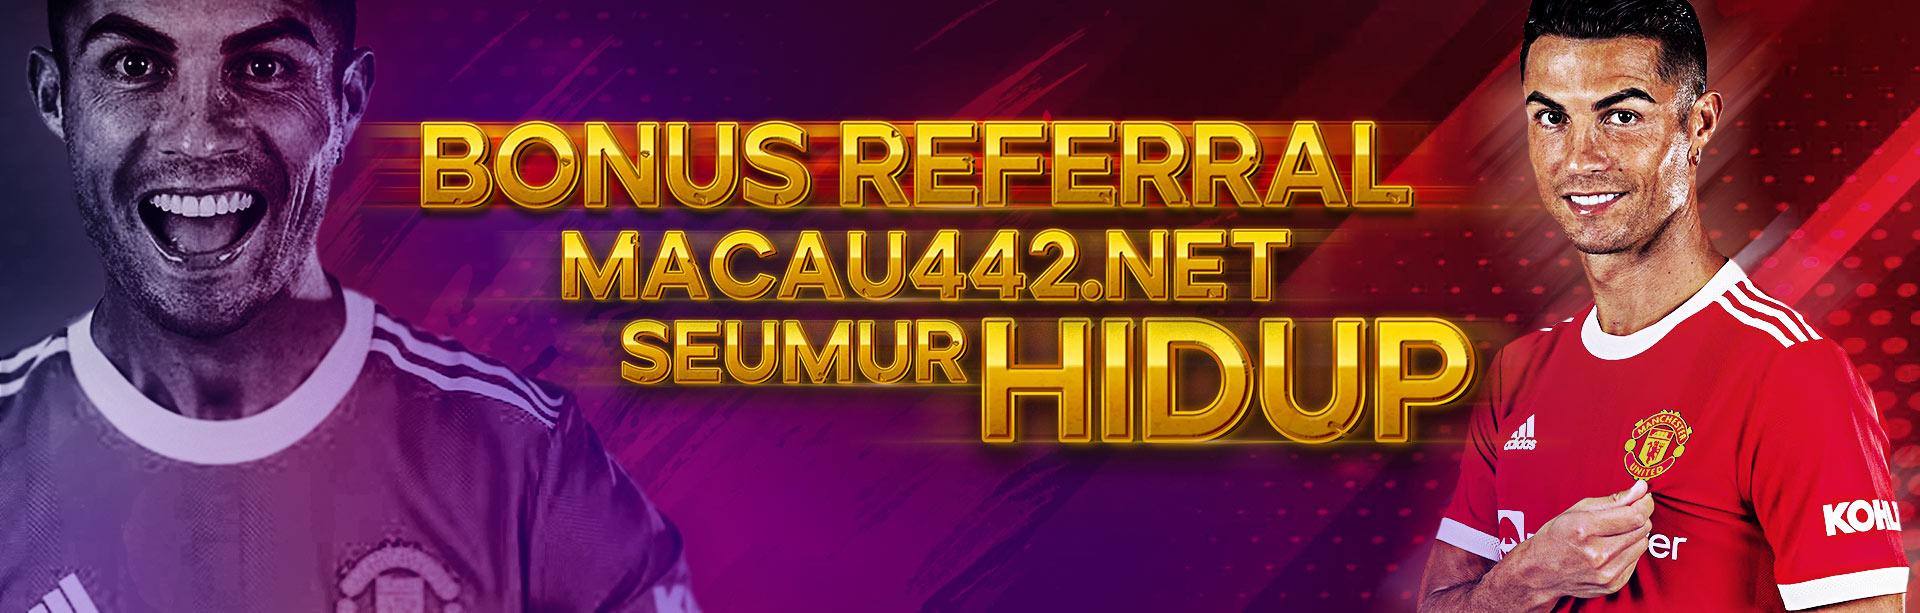 BONUS REFERRAL MACAU442.NET